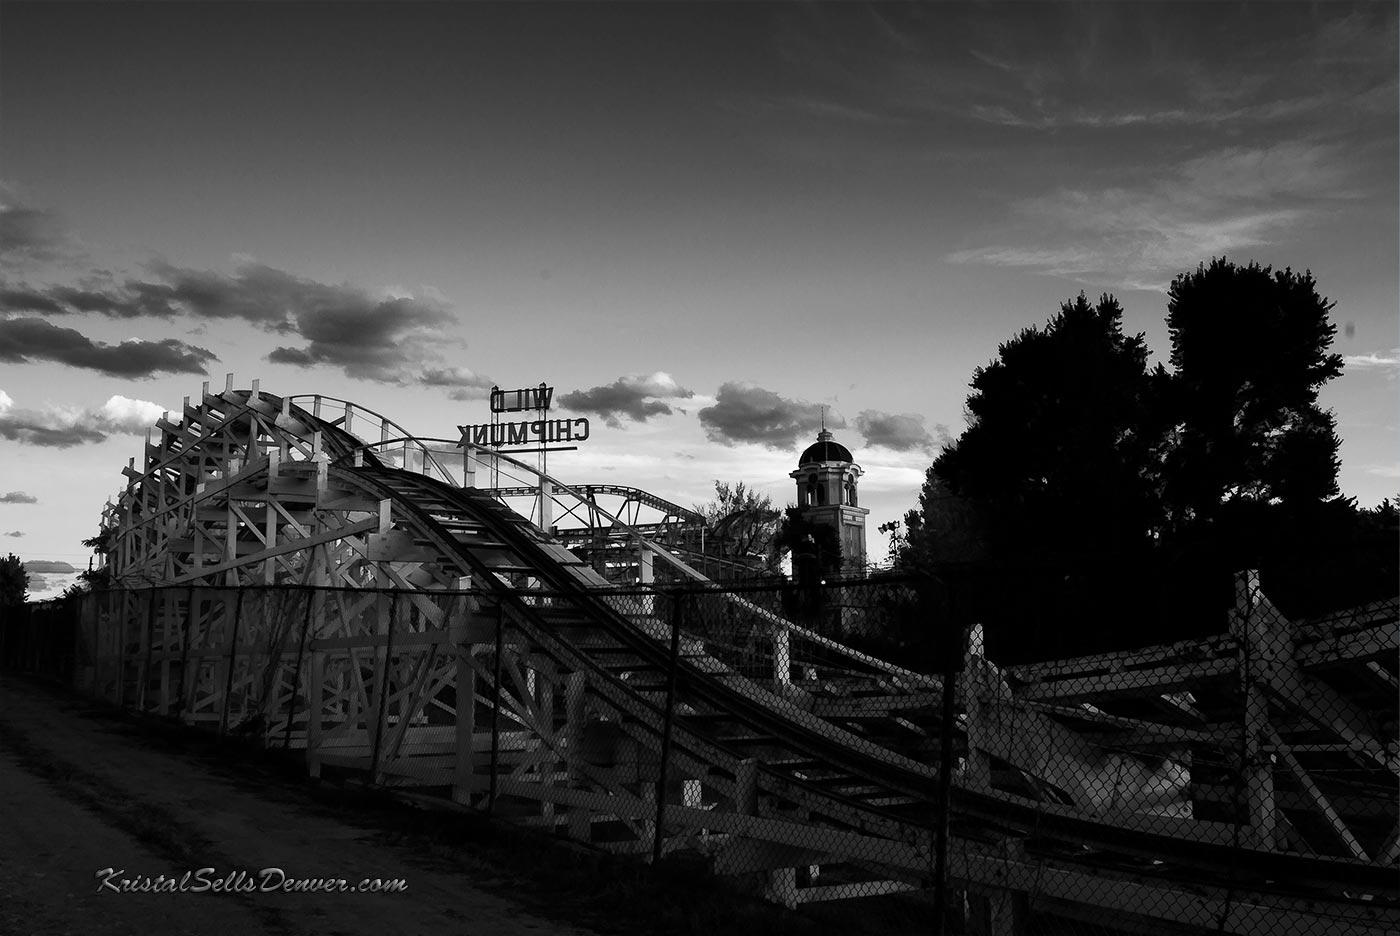 Wild Chipmunk roller coaster